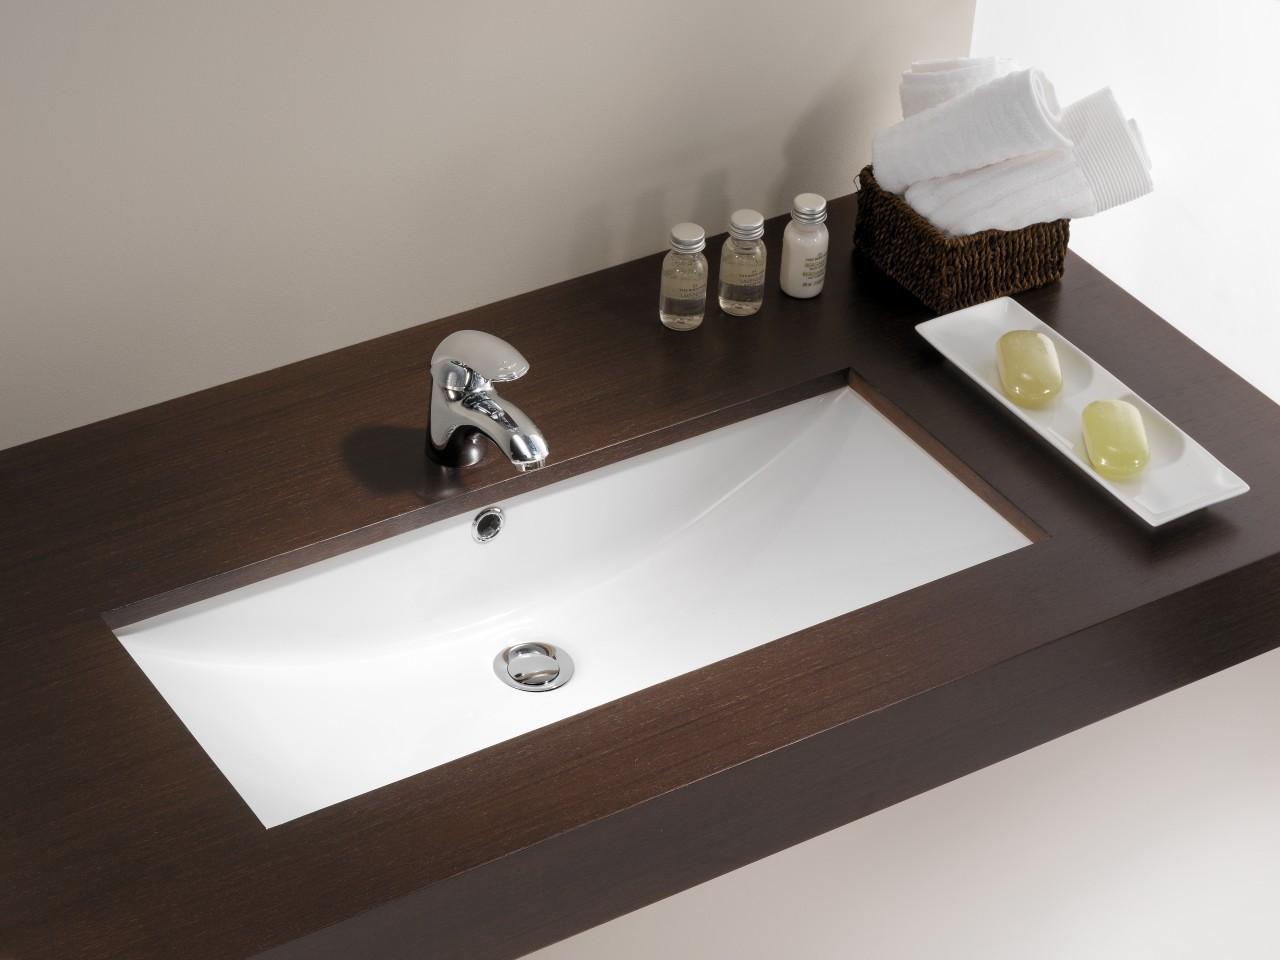 Encimera de bao para lavabo great mueble bao lavabo sobre for Lavabo bajo encimera leroy merlin